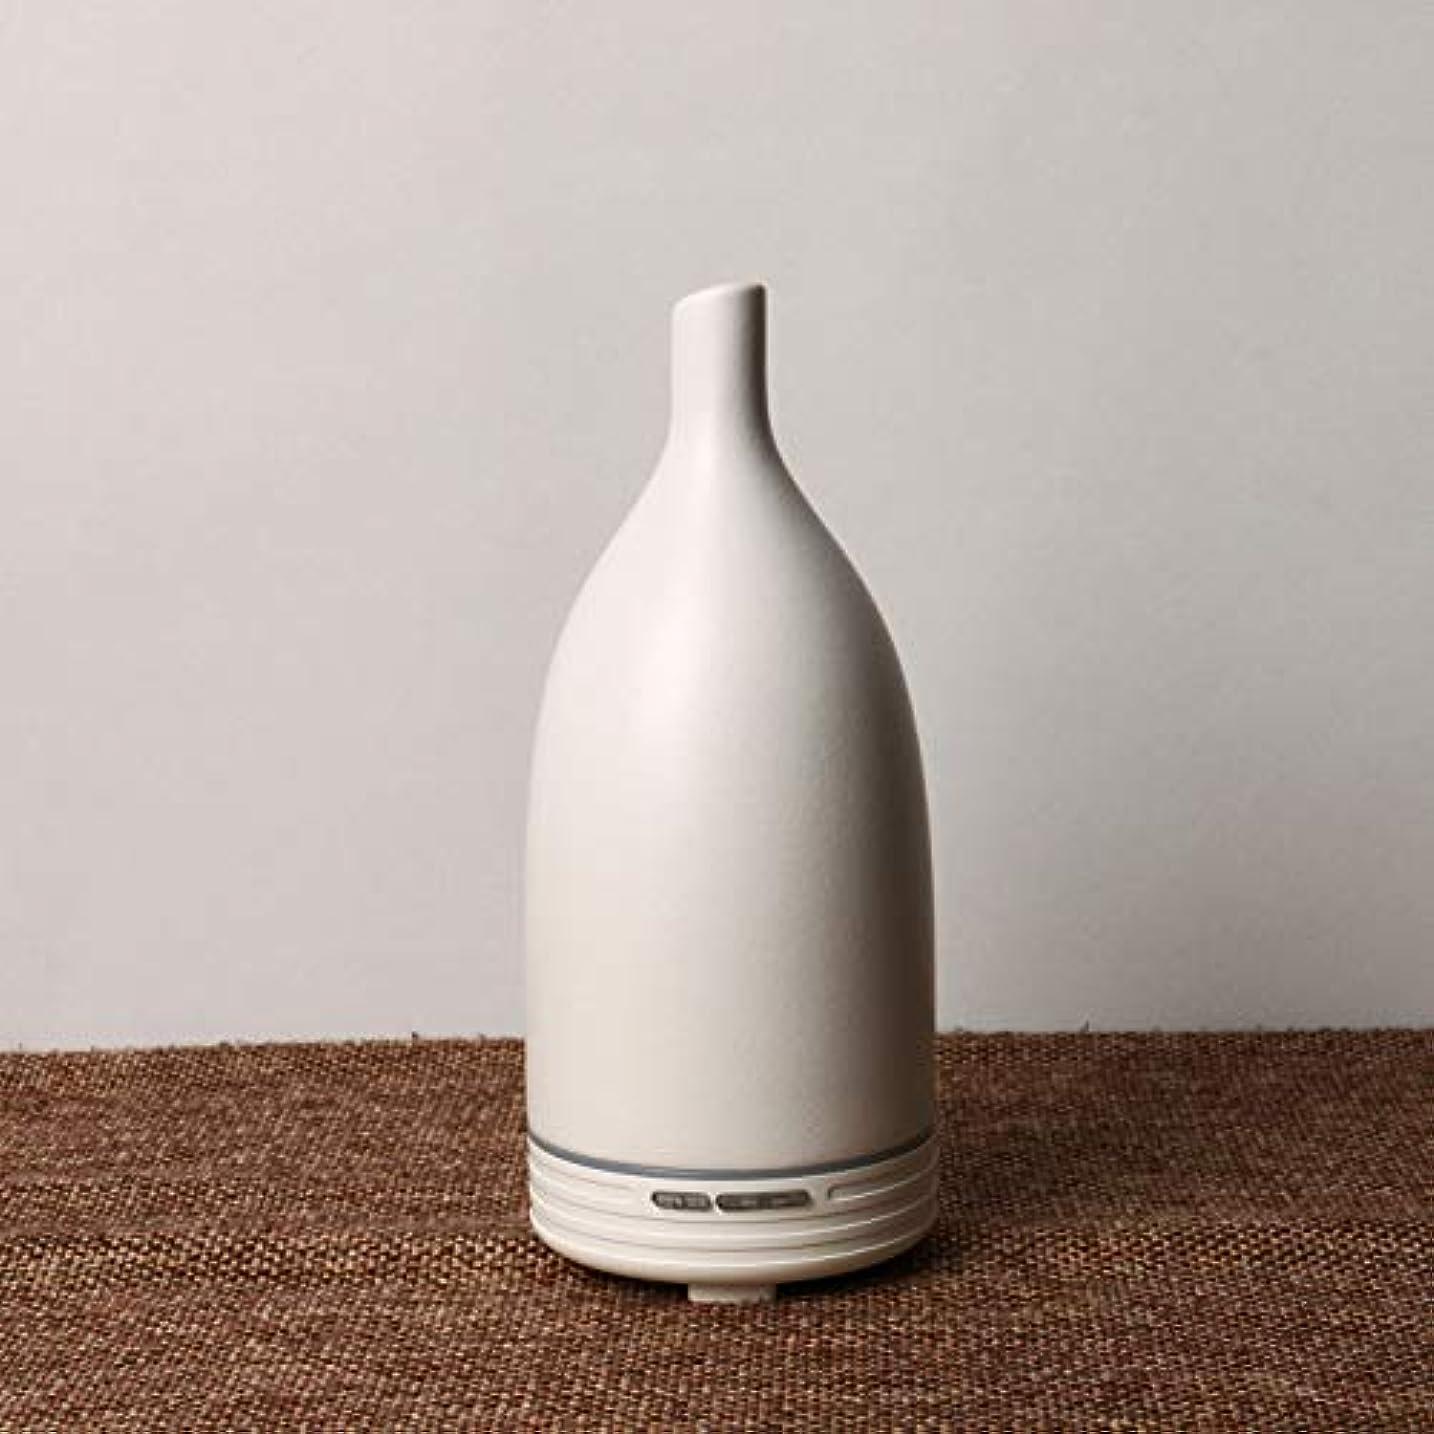 大聖堂リップピアアロマディスペンサー精油加湿器陶磁器の材質は家庭の事務用に適しています。 (ホワイト)